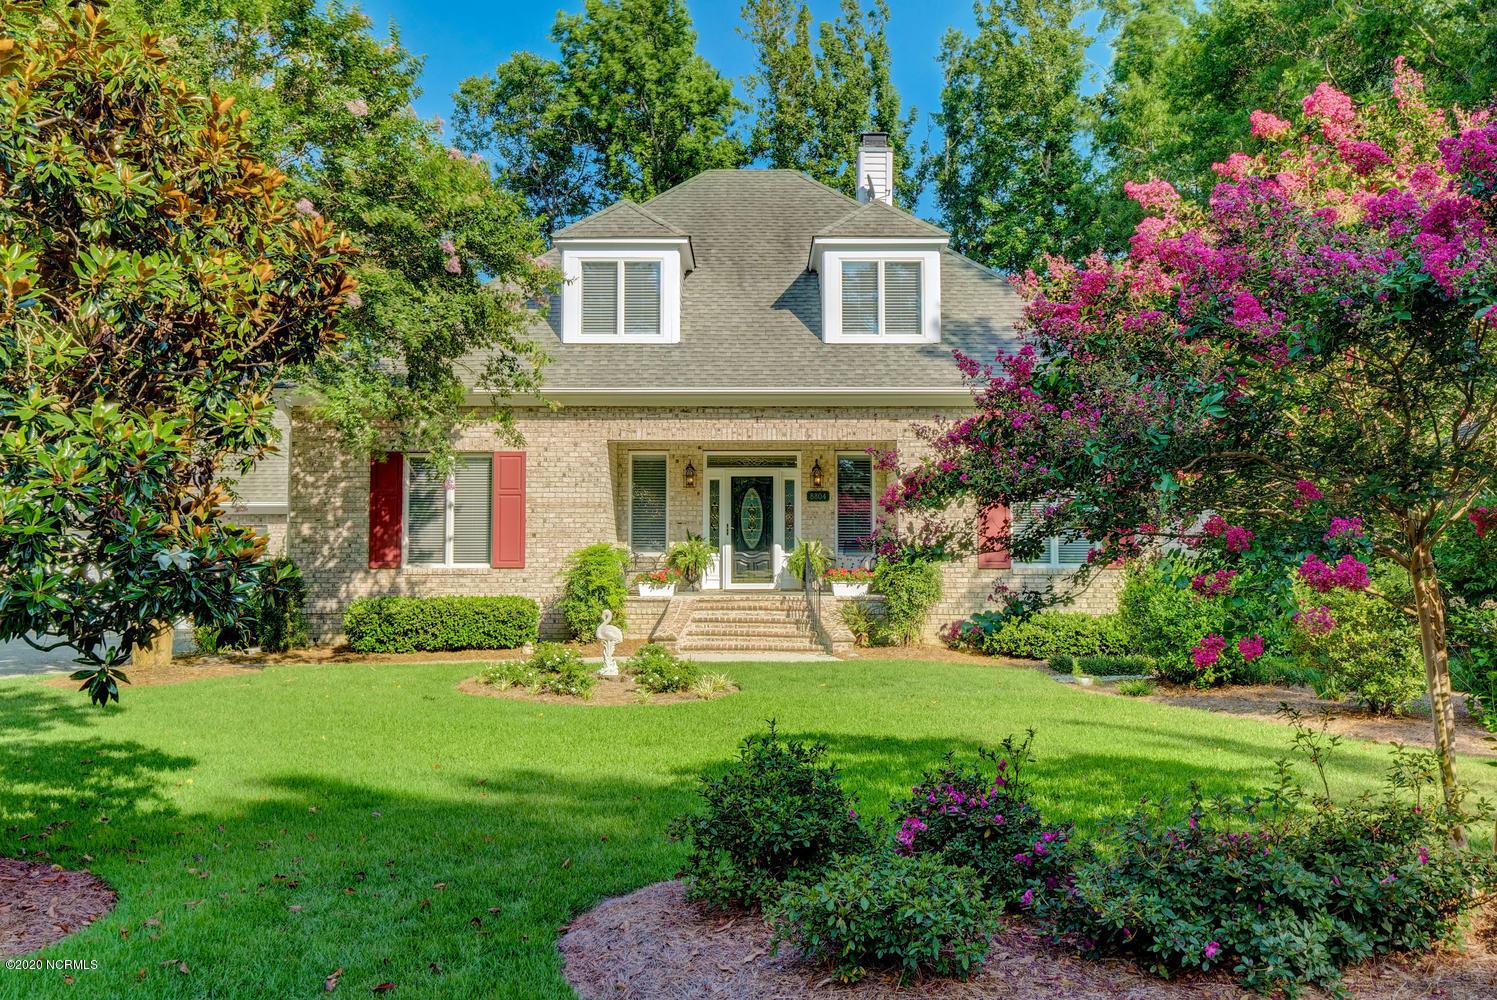 8804 Fazio Drive, Wilmington, North Carolina 28411, 3 Bedrooms Bedrooms, ,2 BathroomsBathrooms,Residential,For Sale,Fazio,100204299